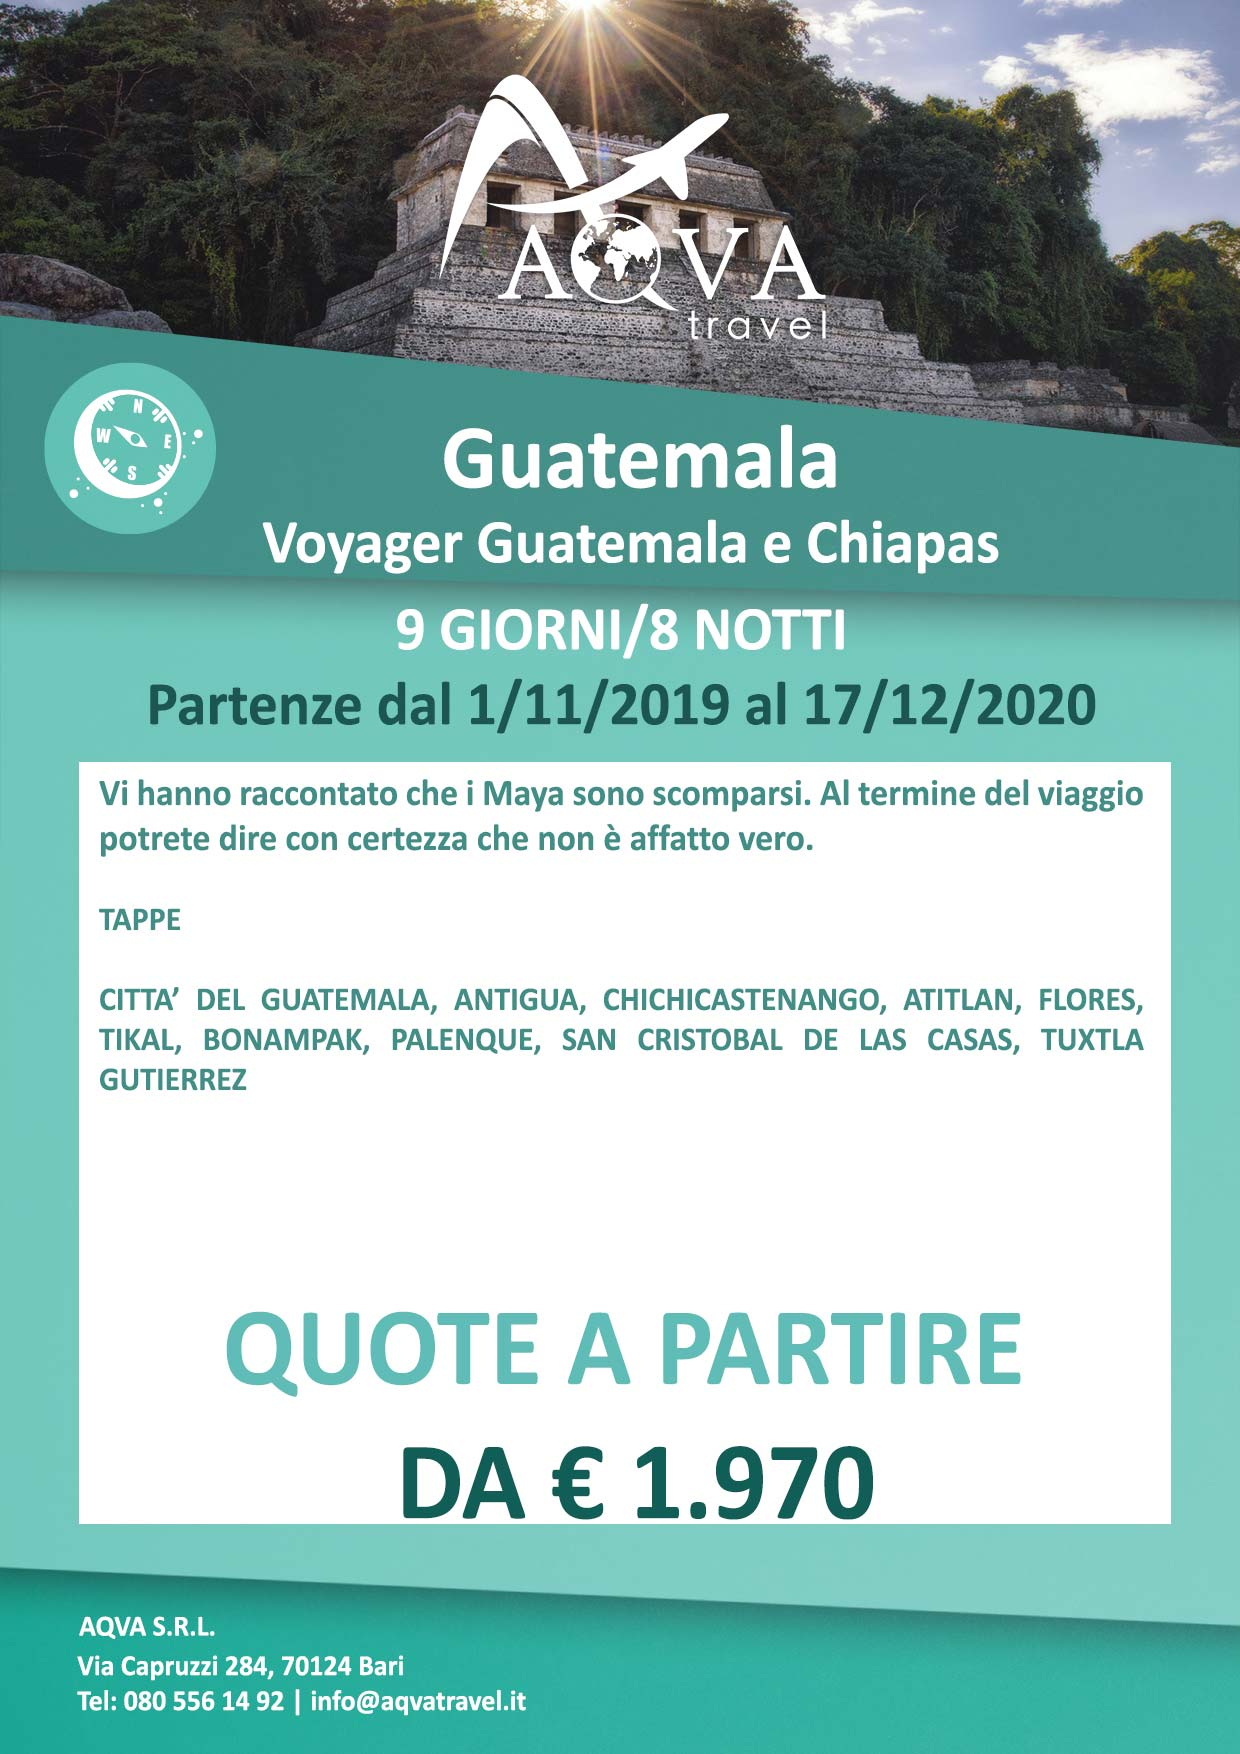 Guatemala-e-Chiapas-9-GIORNI-8-NOTTI-Avventura-offerte-agenzia-di-viaggi-Bari-AQVATRAVEL-it